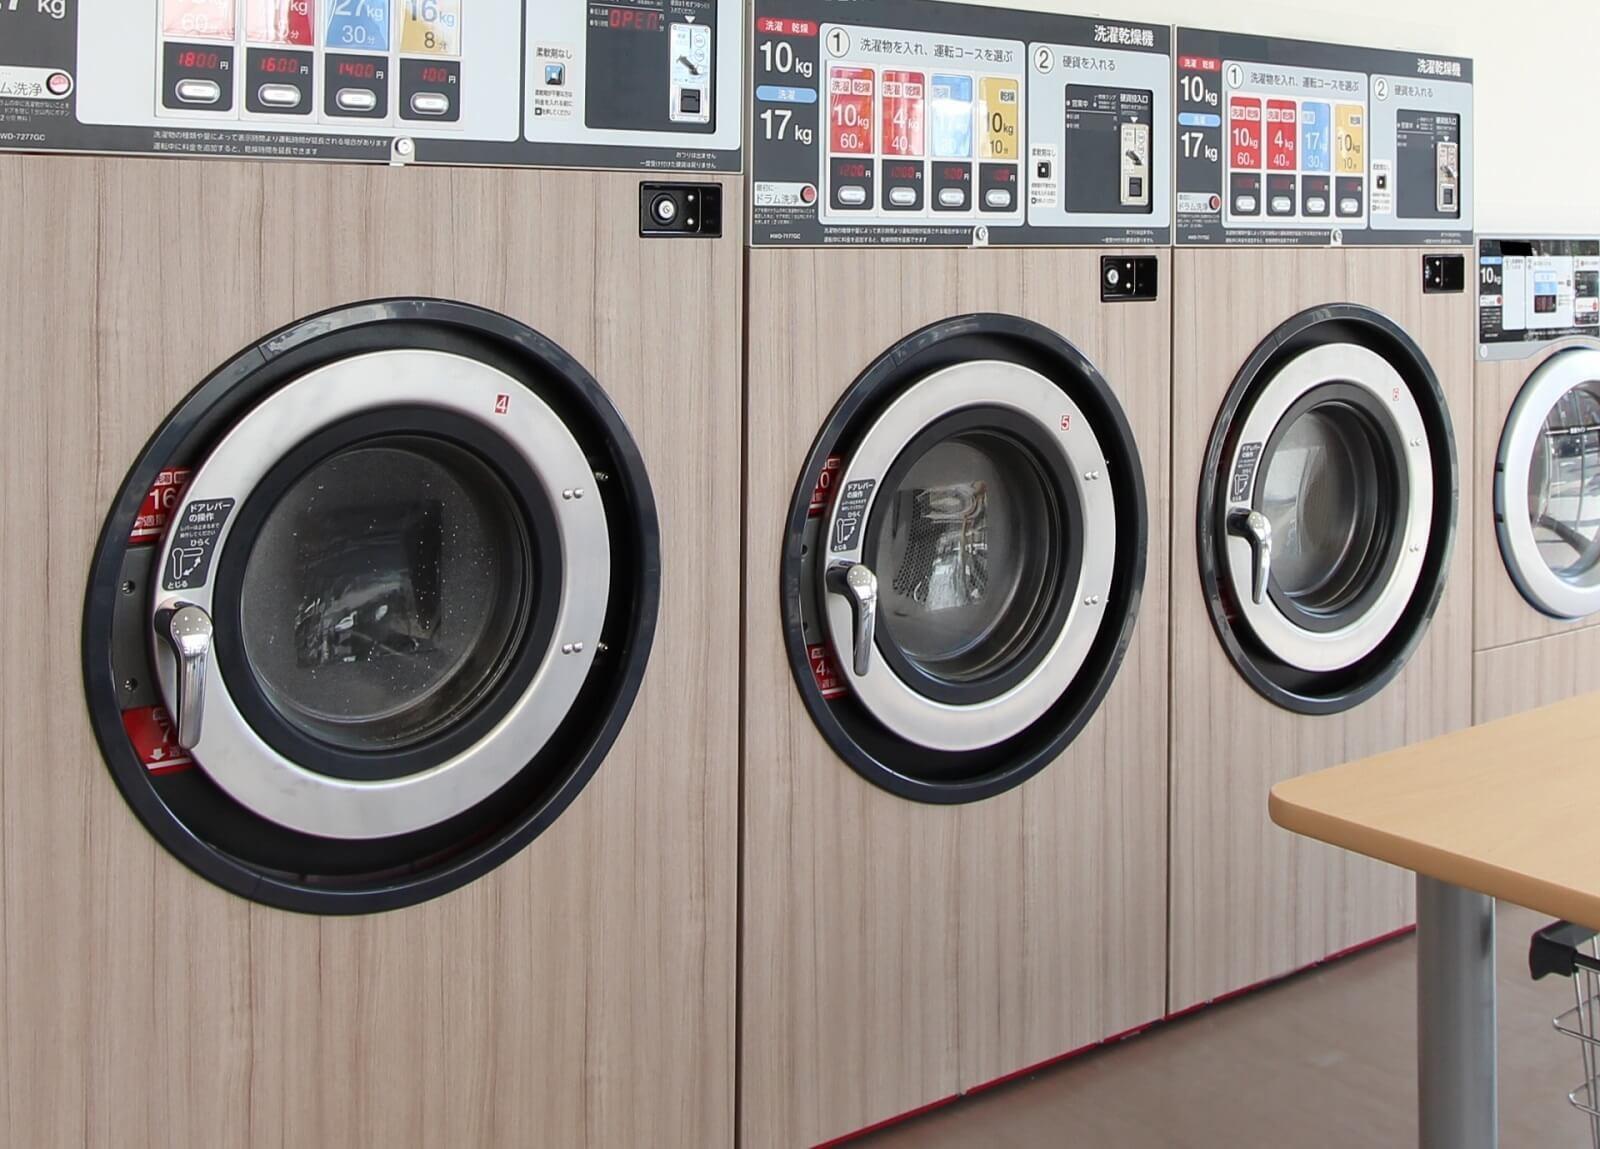 出張先のホテルのコインランドリーを使用して洗濯をする。コインランドリーの洗濯機が並んでいる描写